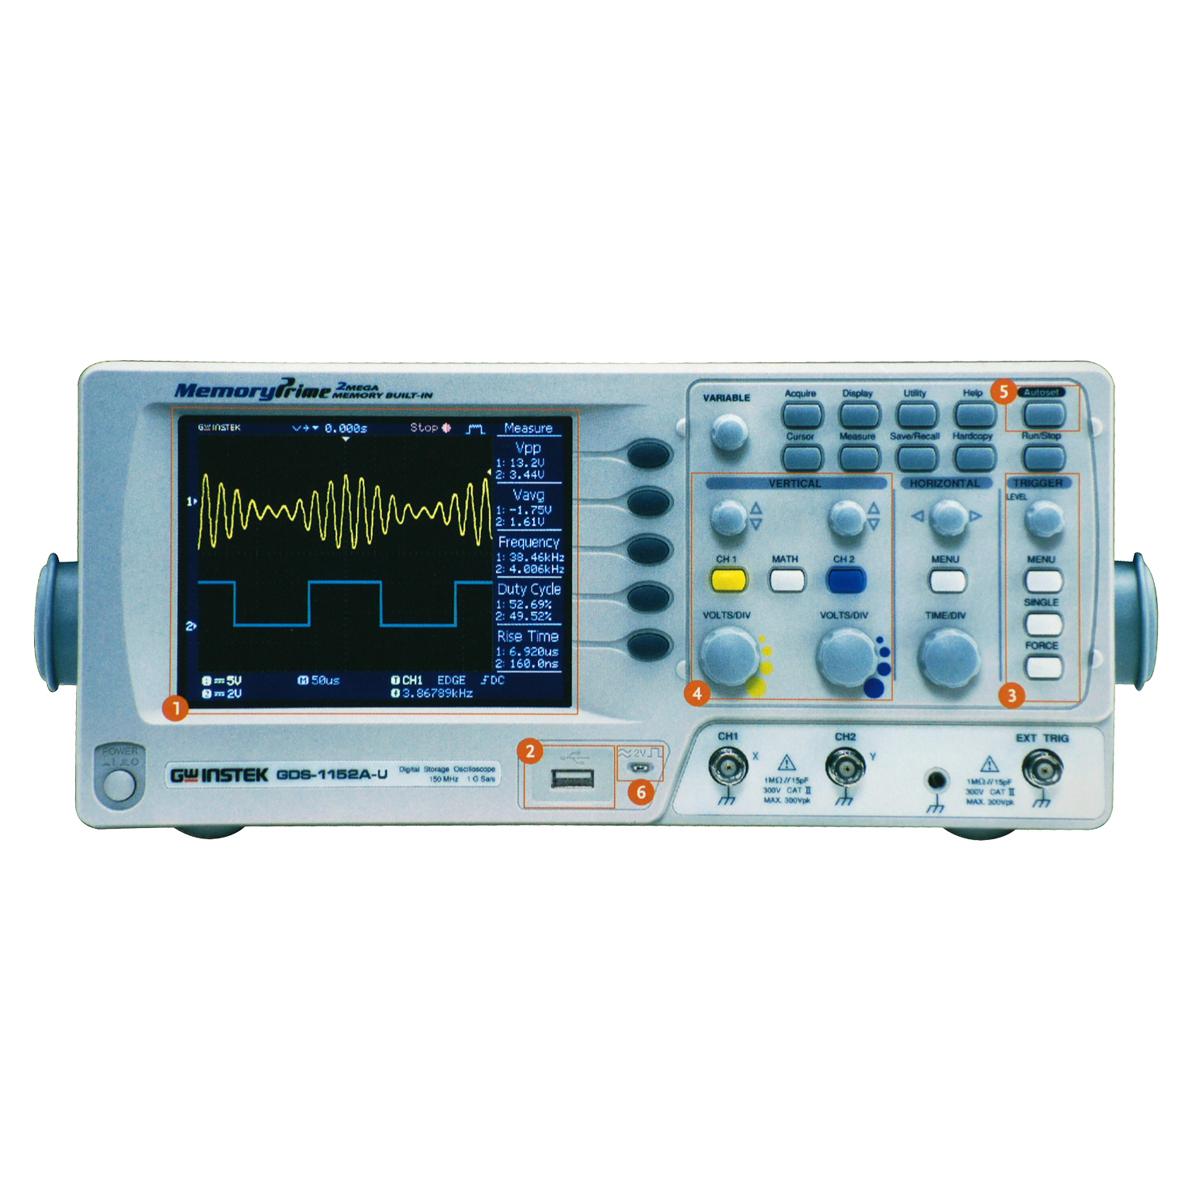 GW-INSTEK GDS-1102A-U ดิจิตอลสตอเรจออสซิลโลสโคป